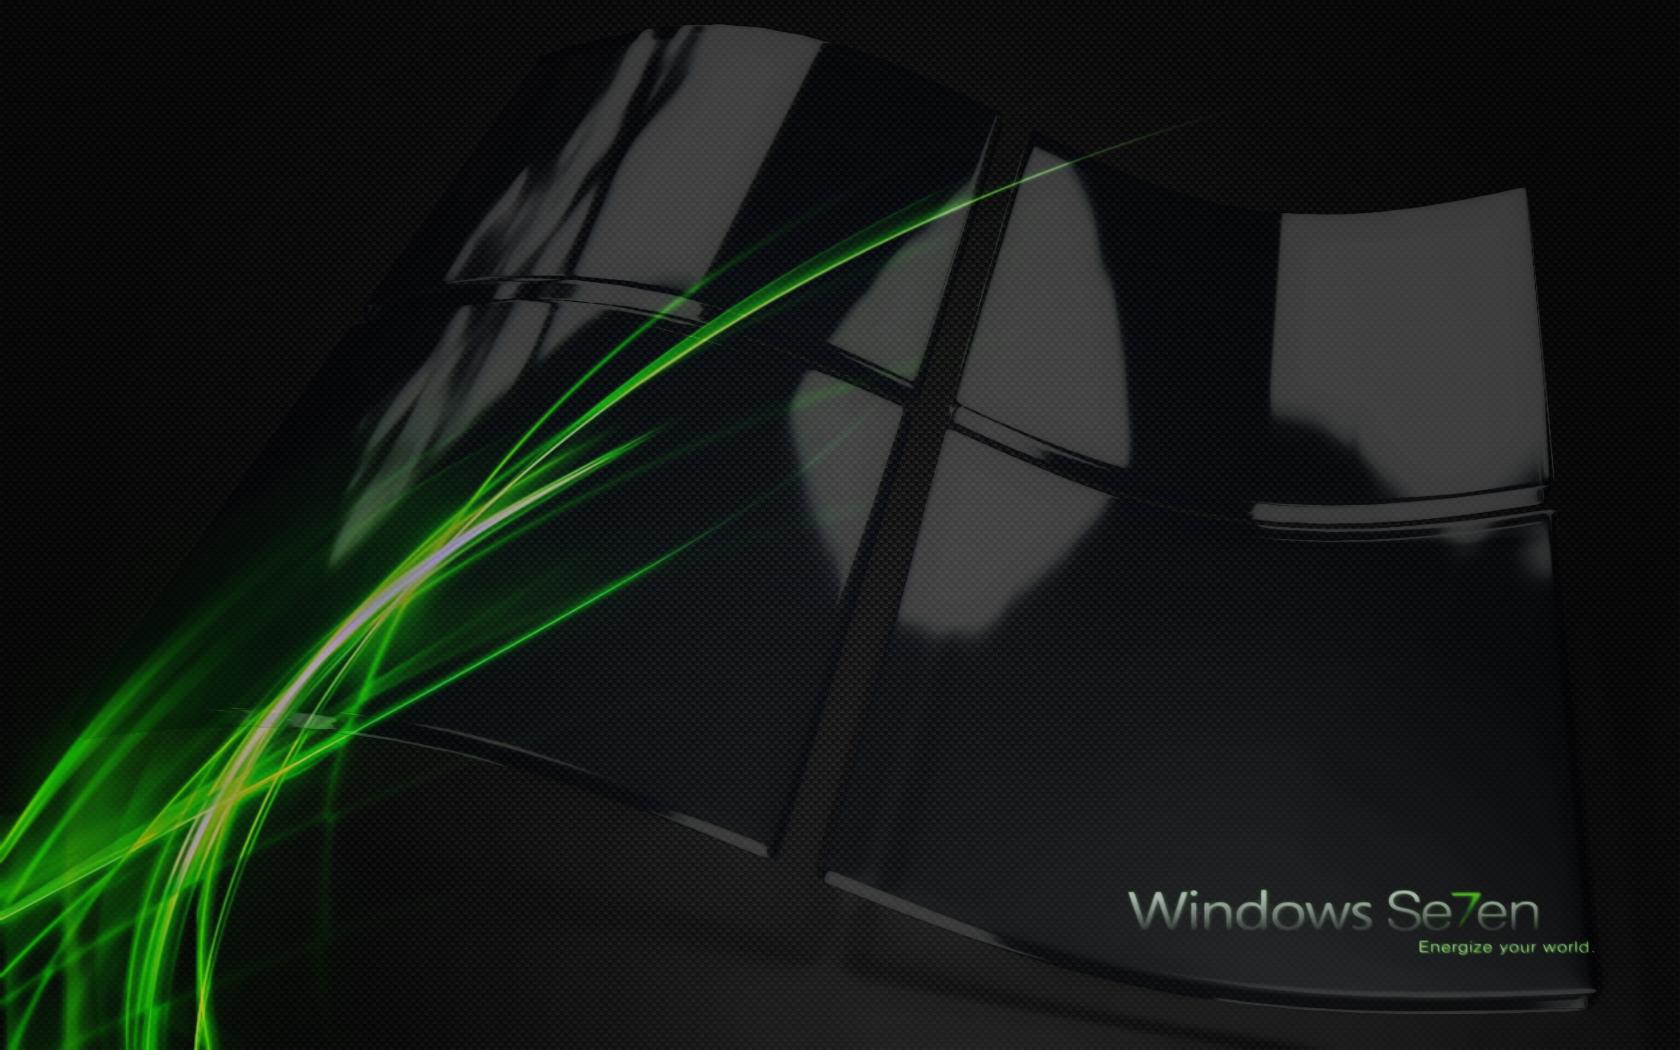 coders windows fan - photo #18